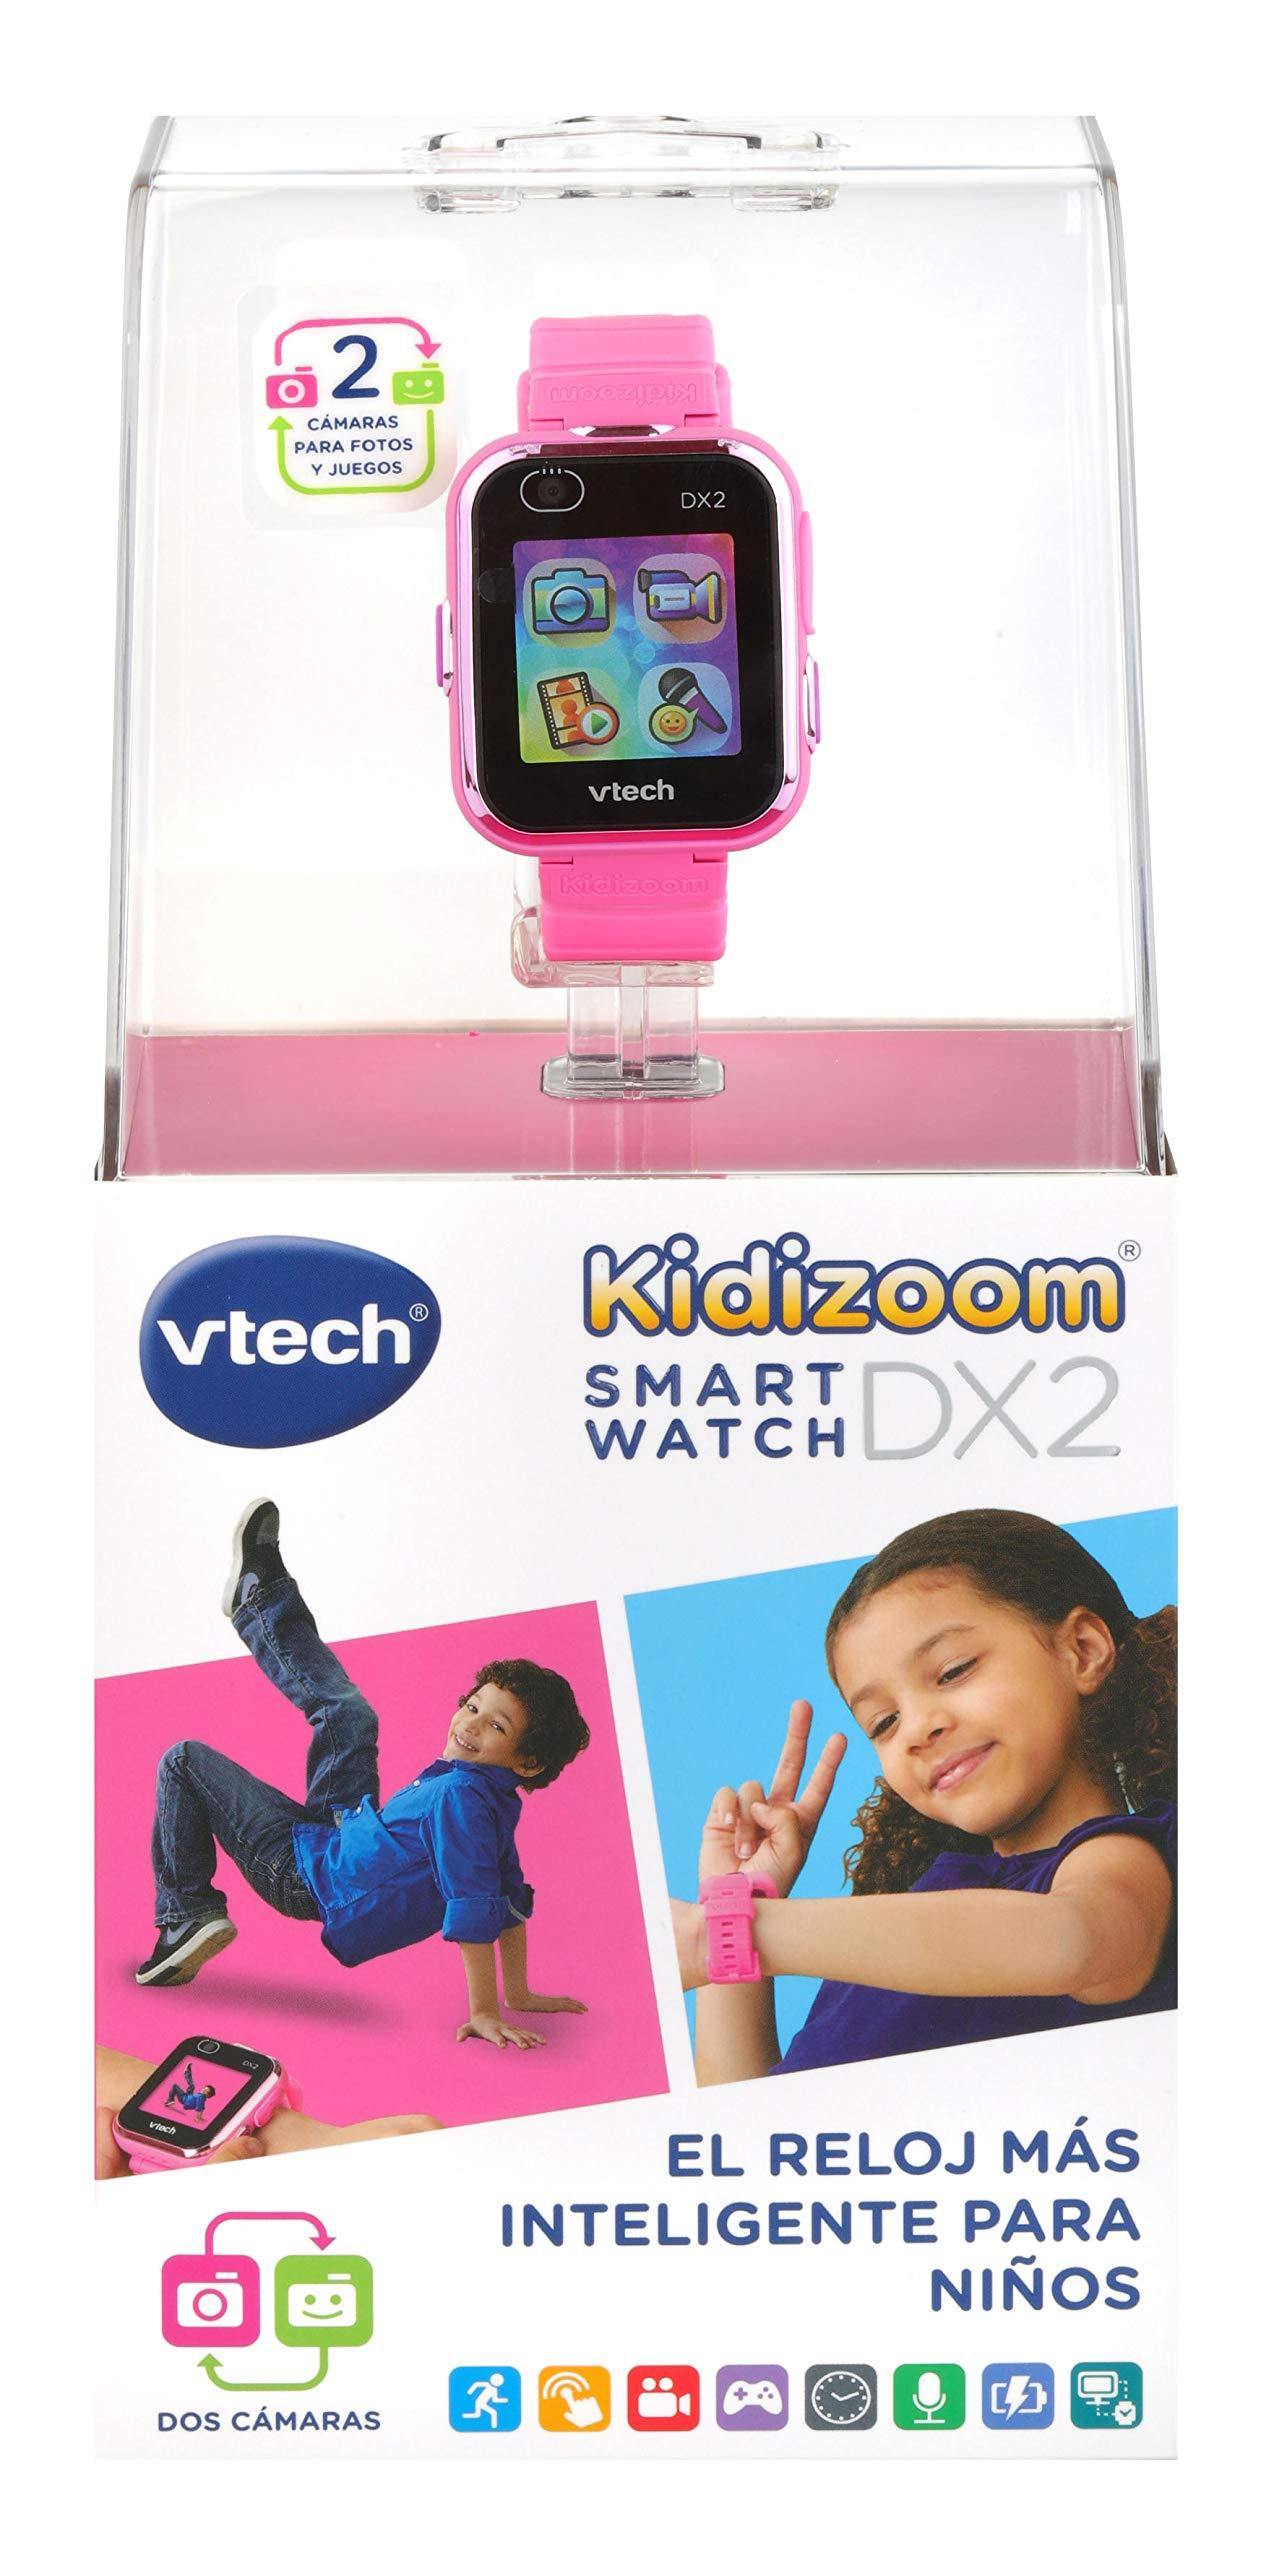 VTech 3480-193822 Kidizoom Smart Watch DX2 - Reloj inteligente para niños con doble cámara, color azul 6